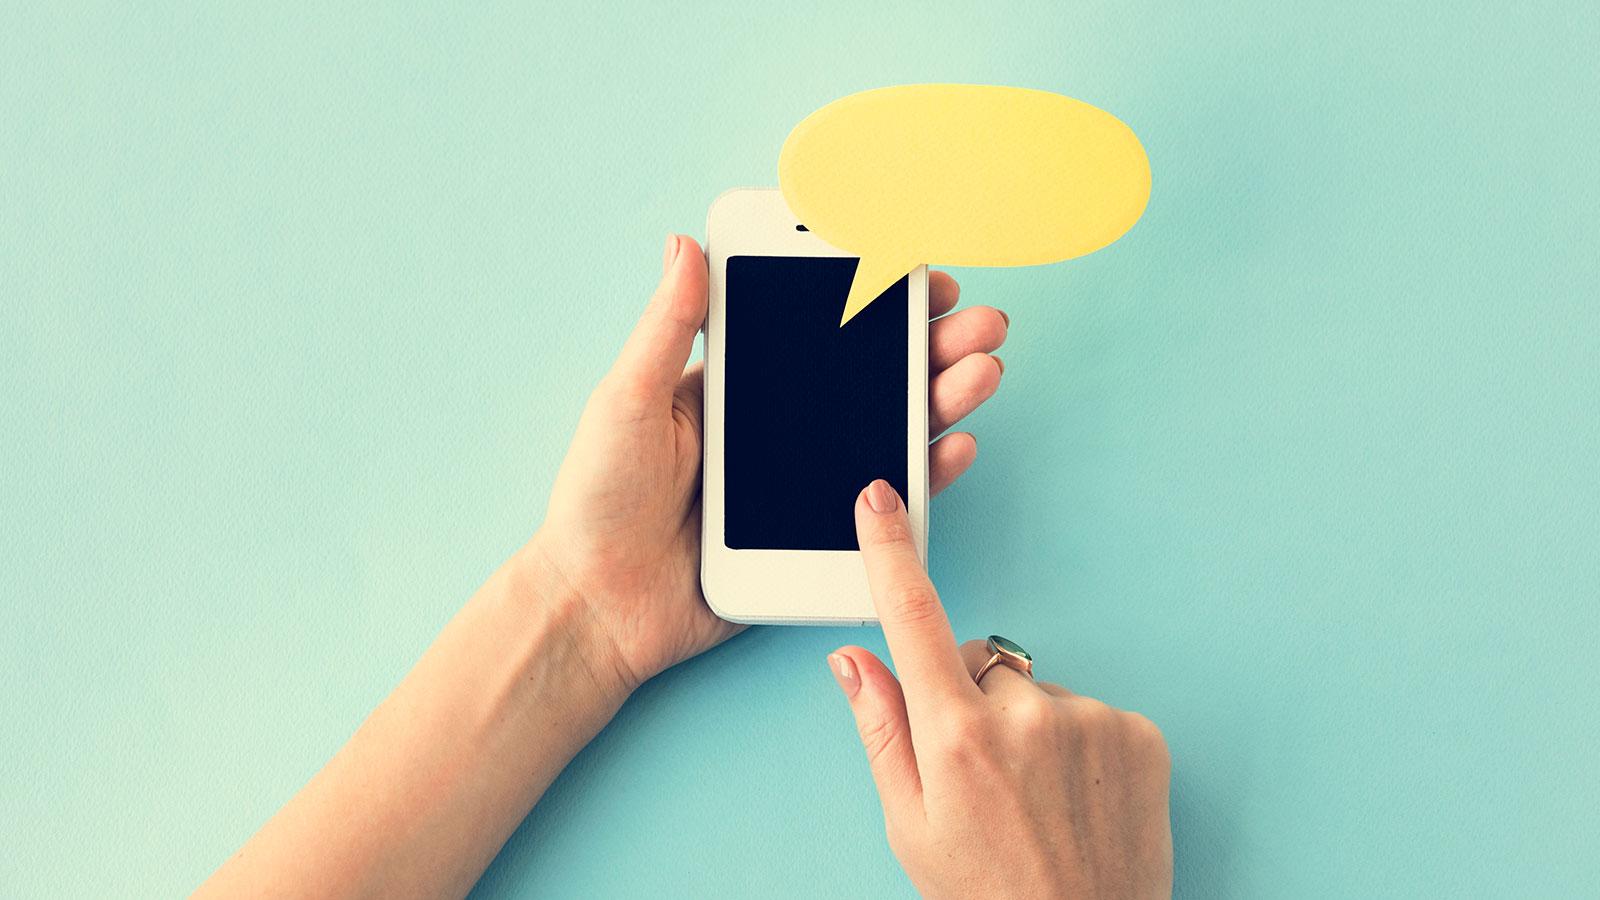 Marketing para e commerce em video 2 - Marketing para e-commerce: aprenda a produzir conteúdos em vídeo e decole